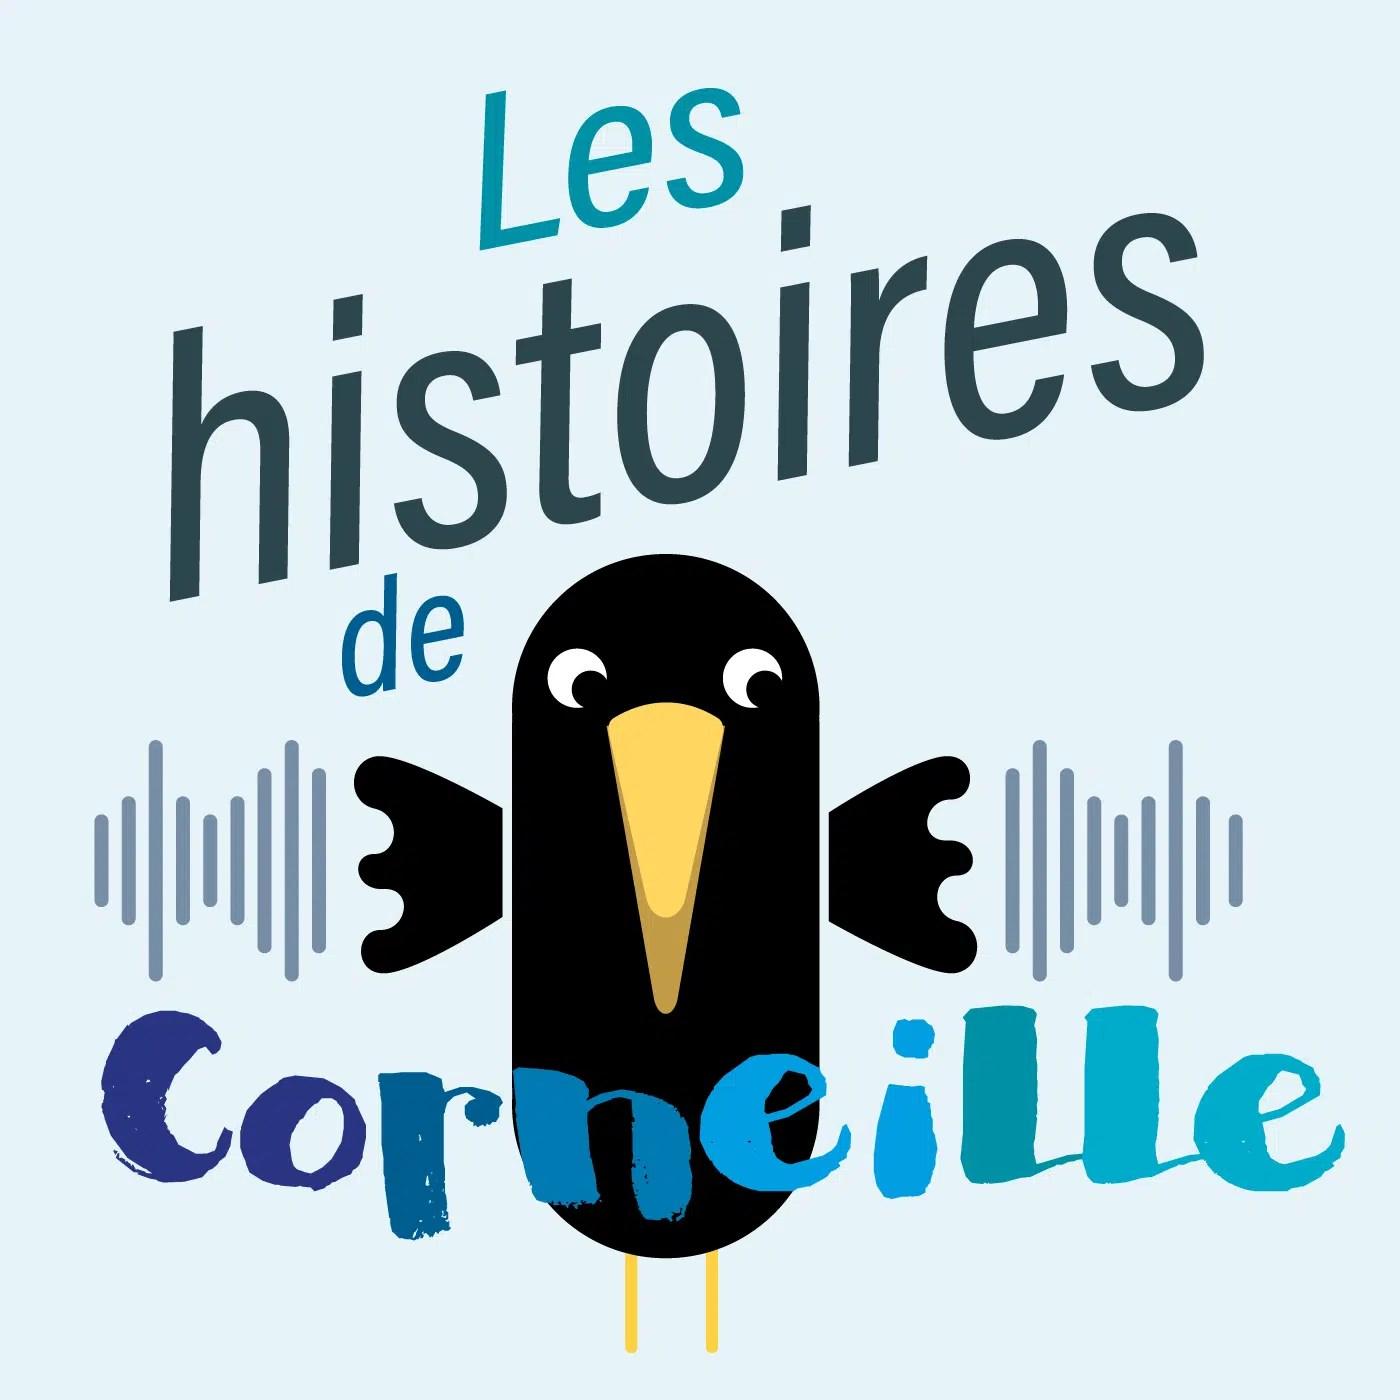 Les podcasts Corneille